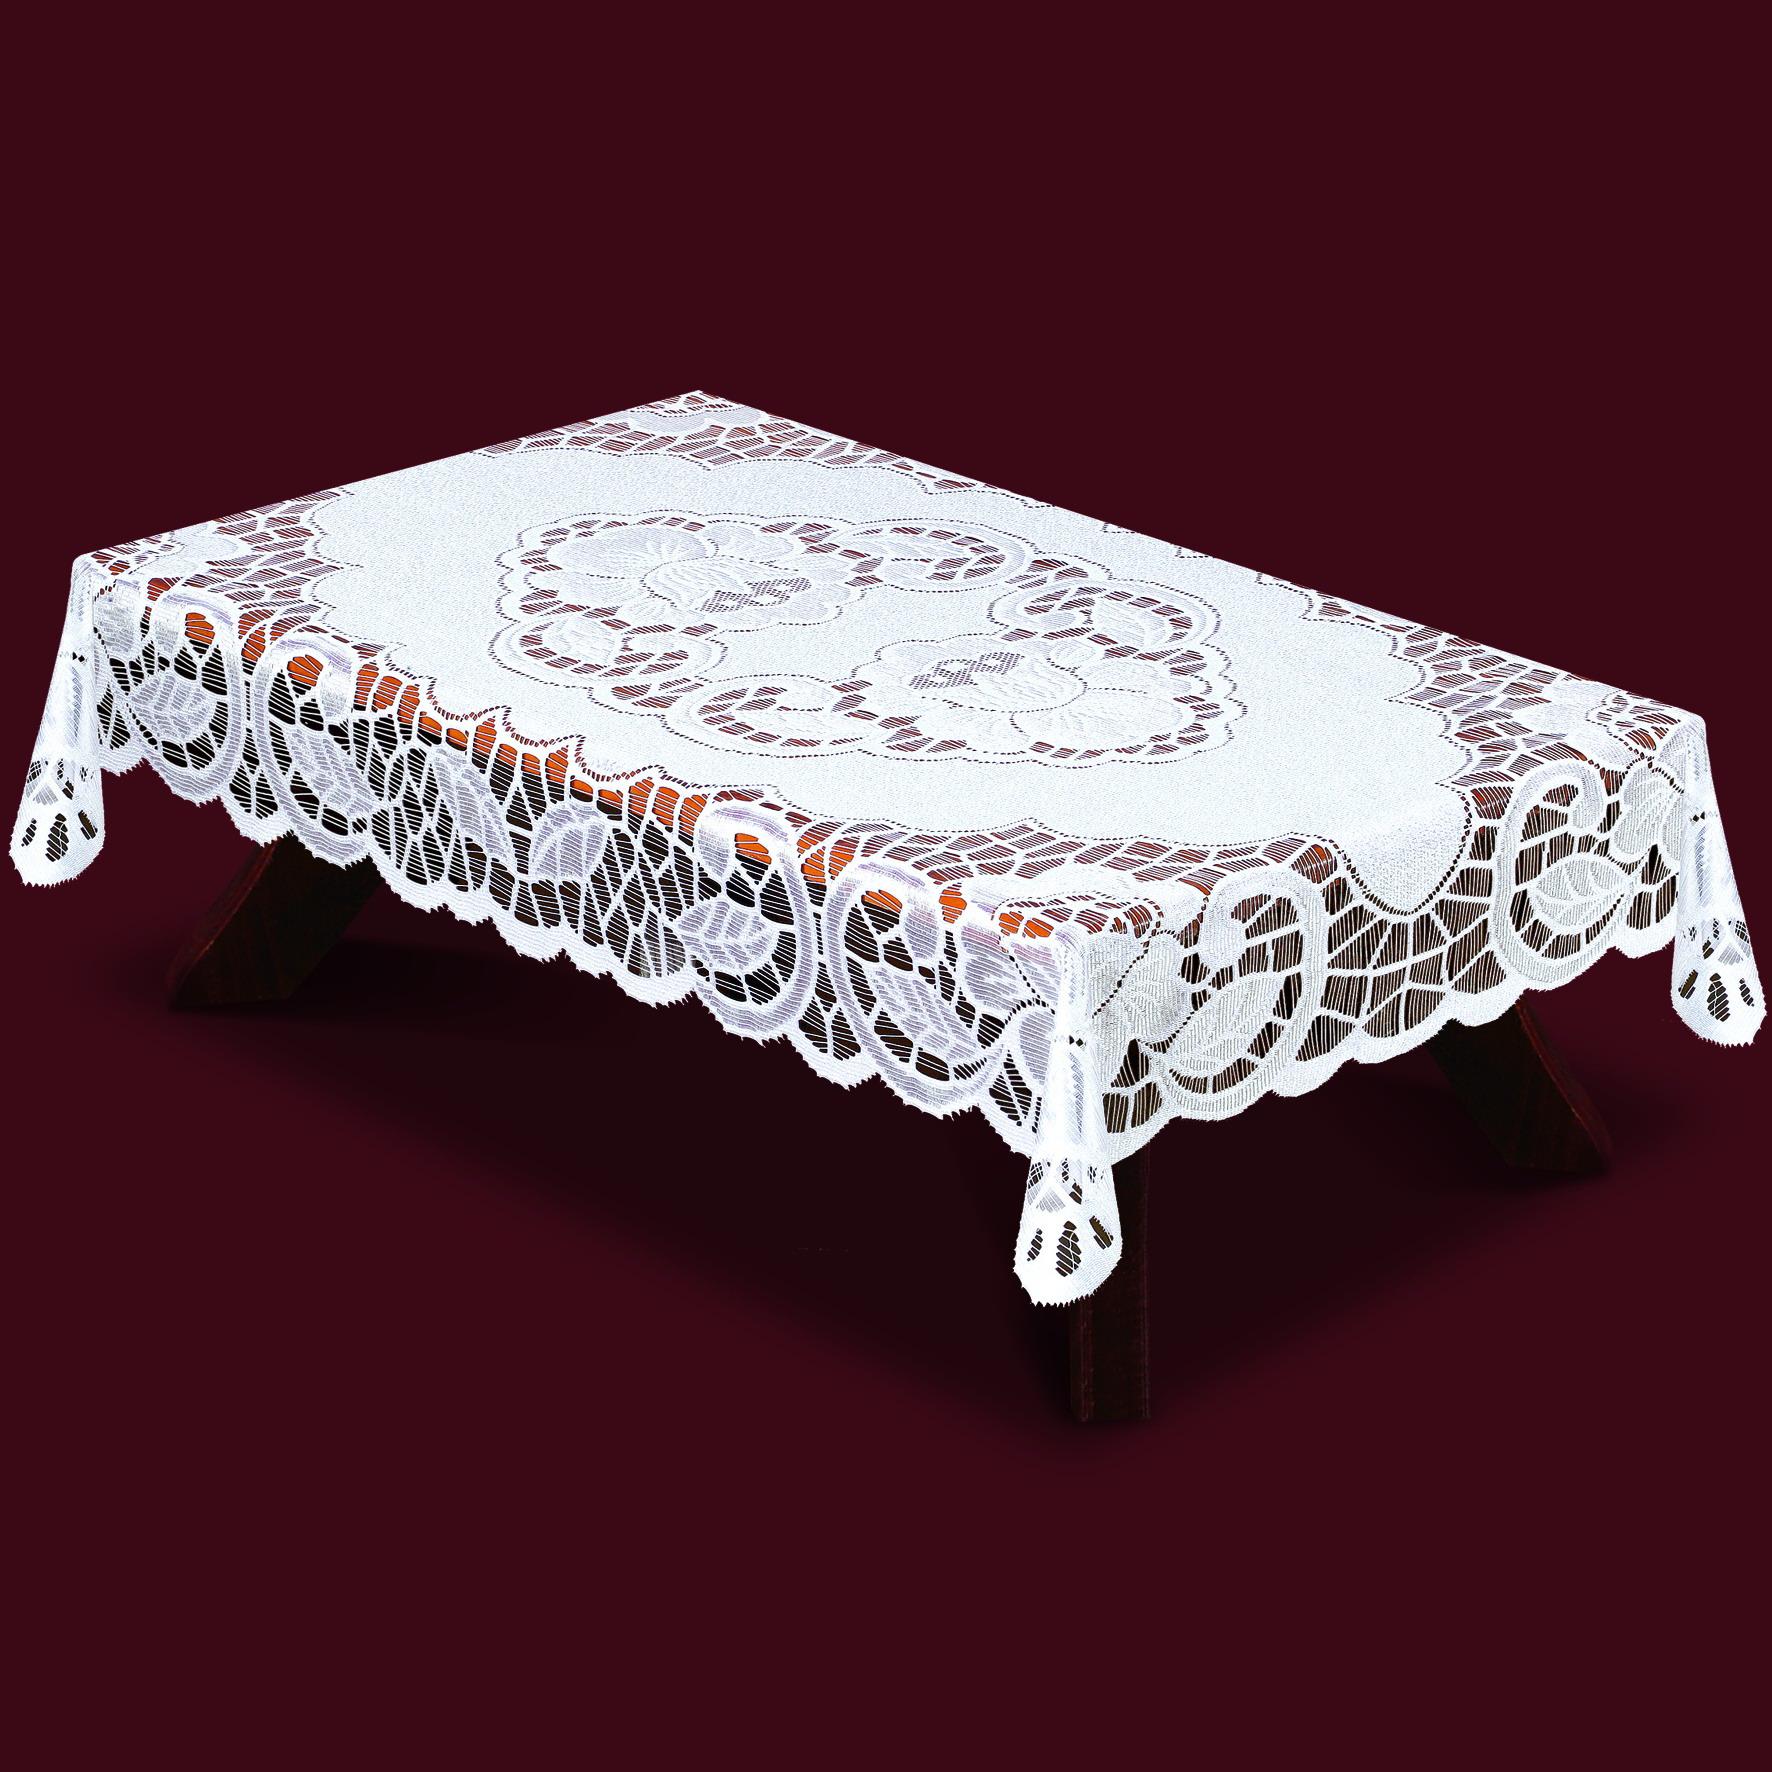 Скатерть Haft Skarb Babuni, прямоугольная, цвет: белый, 130x 180 см. 38850/13038850/130Великолепная прямоугольная скатерть Haft Skarb Babuni, выполненная из 100% полиэстера, органично впишется в интерьер любого помещения, а оригинальный дизайн удовлетворит даже самый изысканный вкус. Скатерть изготовлена из сетчатого материала с ажурным орнаментом по краям и по центру. Скатерть Haft Skarb Babuni создаст праздничное настроение и станет прекрасным дополнением интерьера гостиной, кухни или столовой.